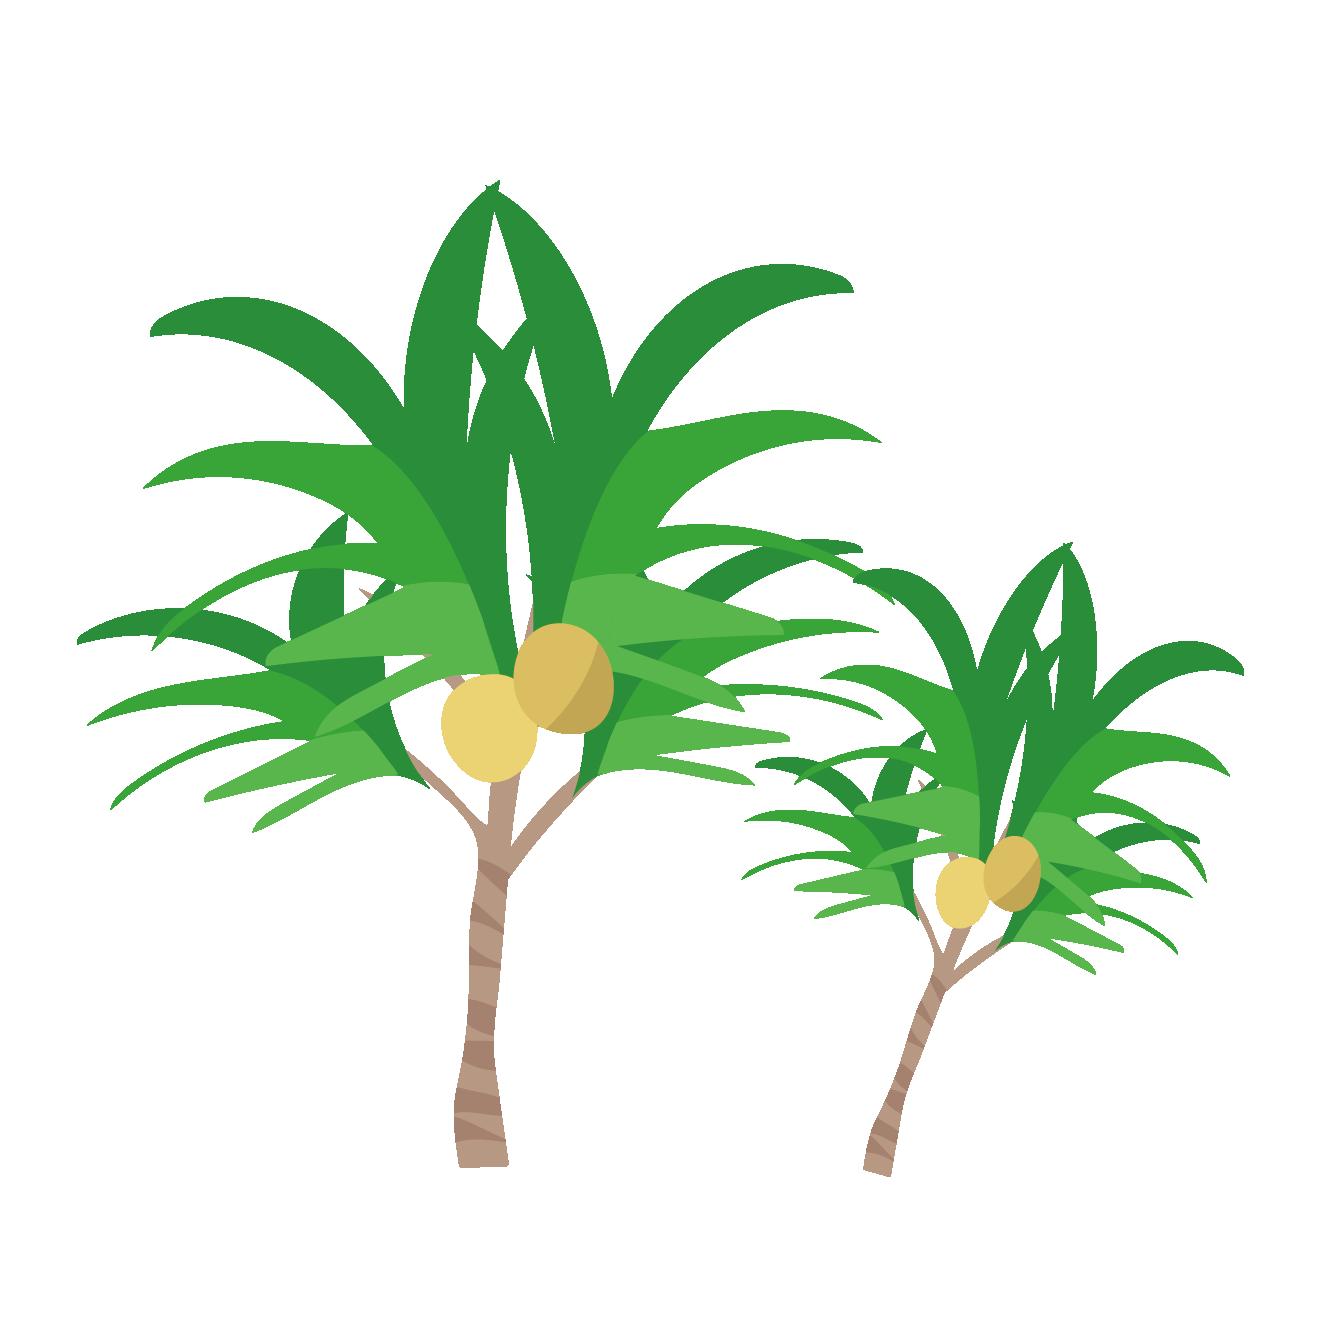 常夏椰子ヤシの木のイラスト 商用フリー無料のイラスト素材なら